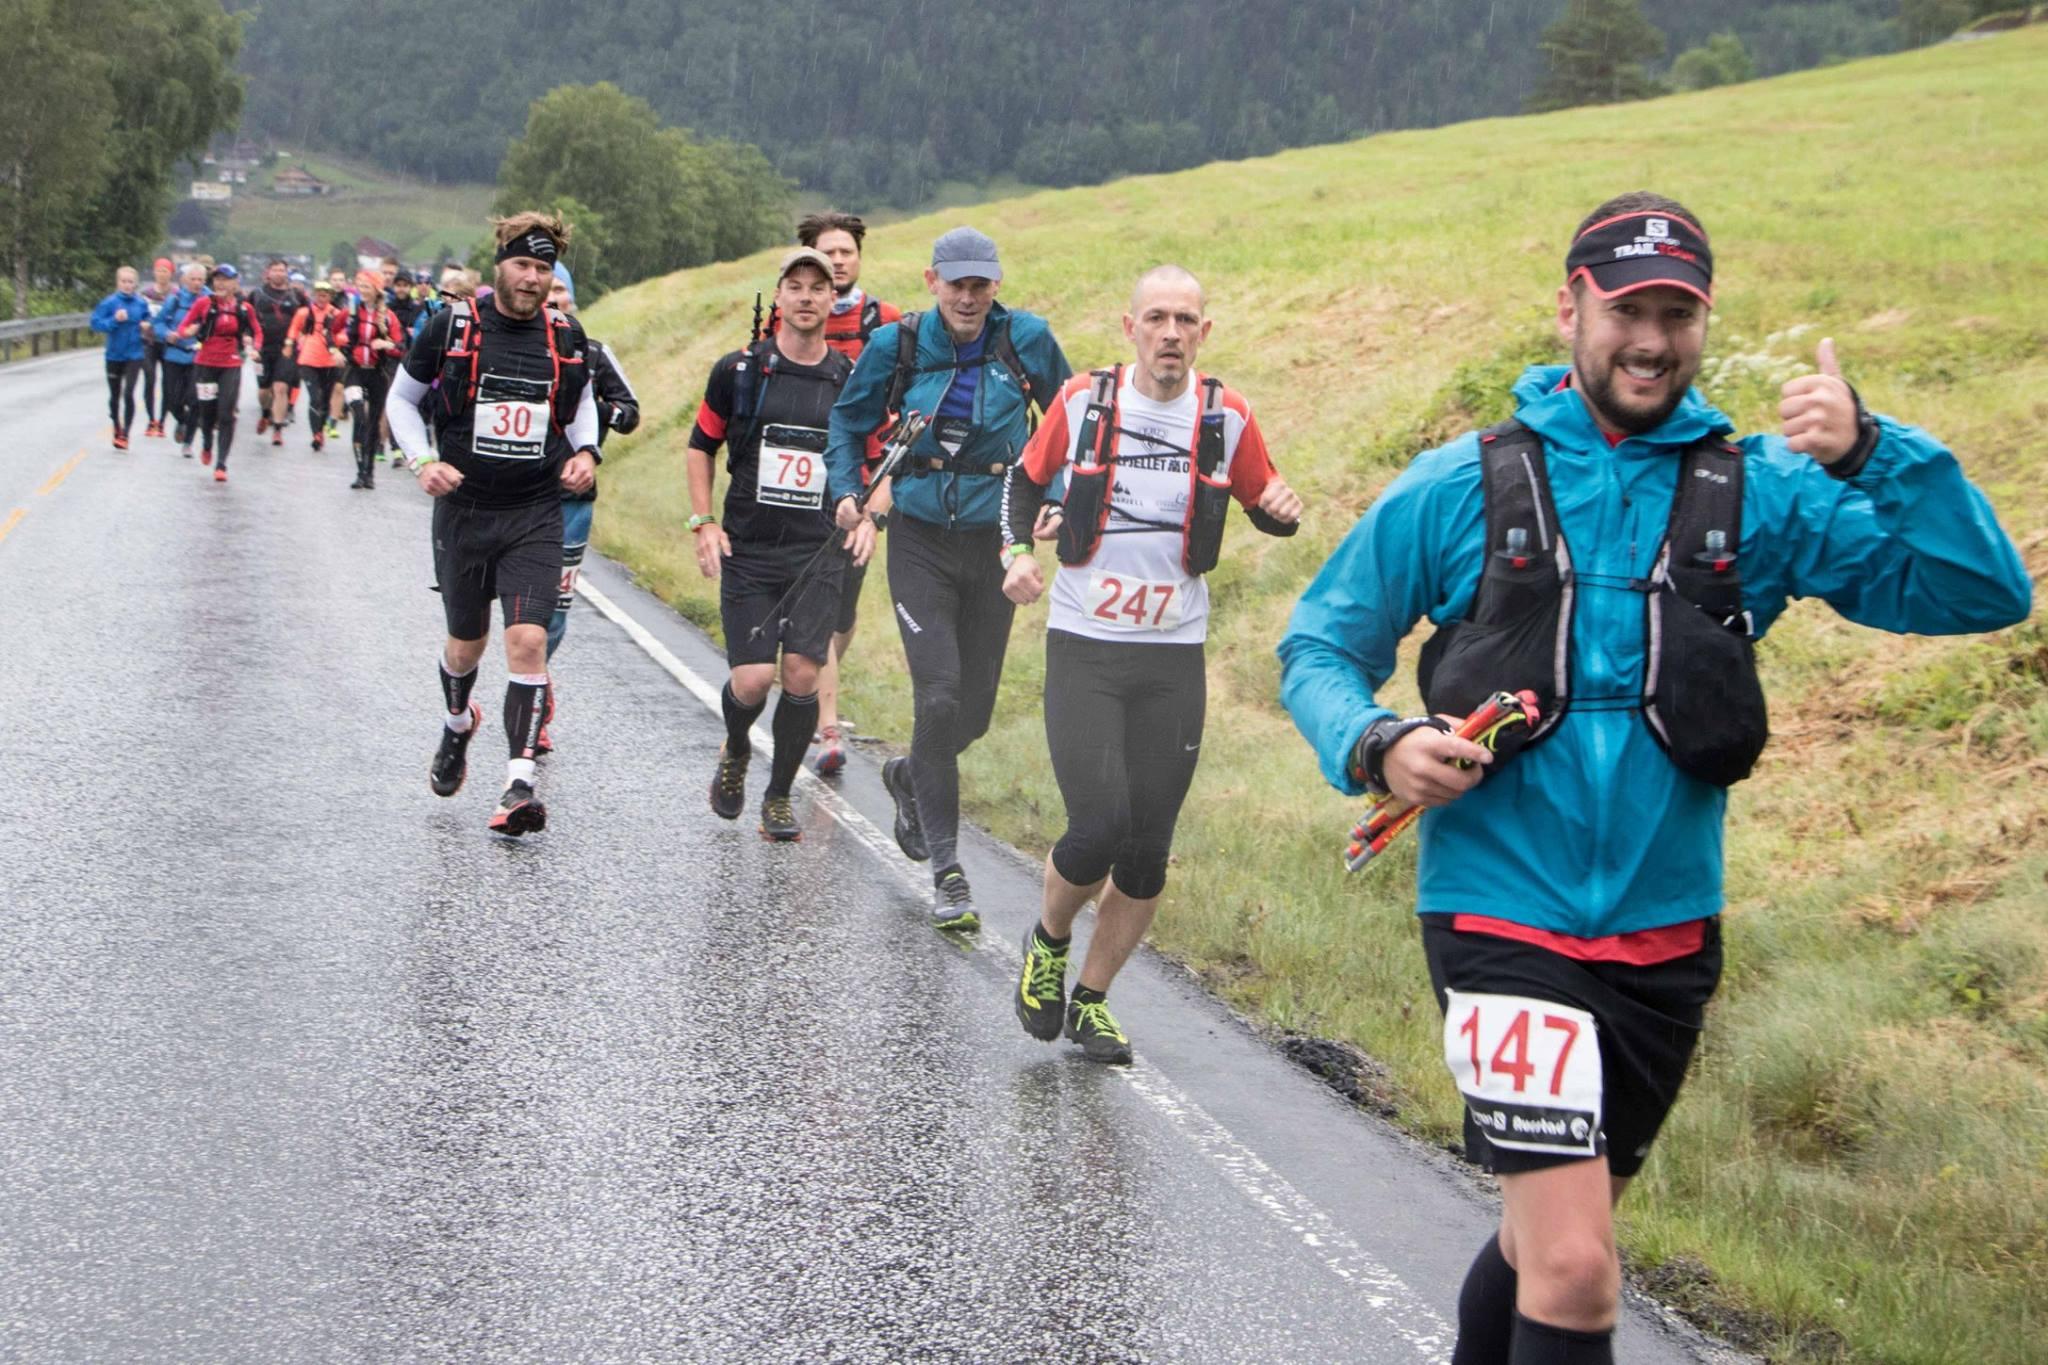 Äventyr kvarstår – men ökat fokus på traillöpning